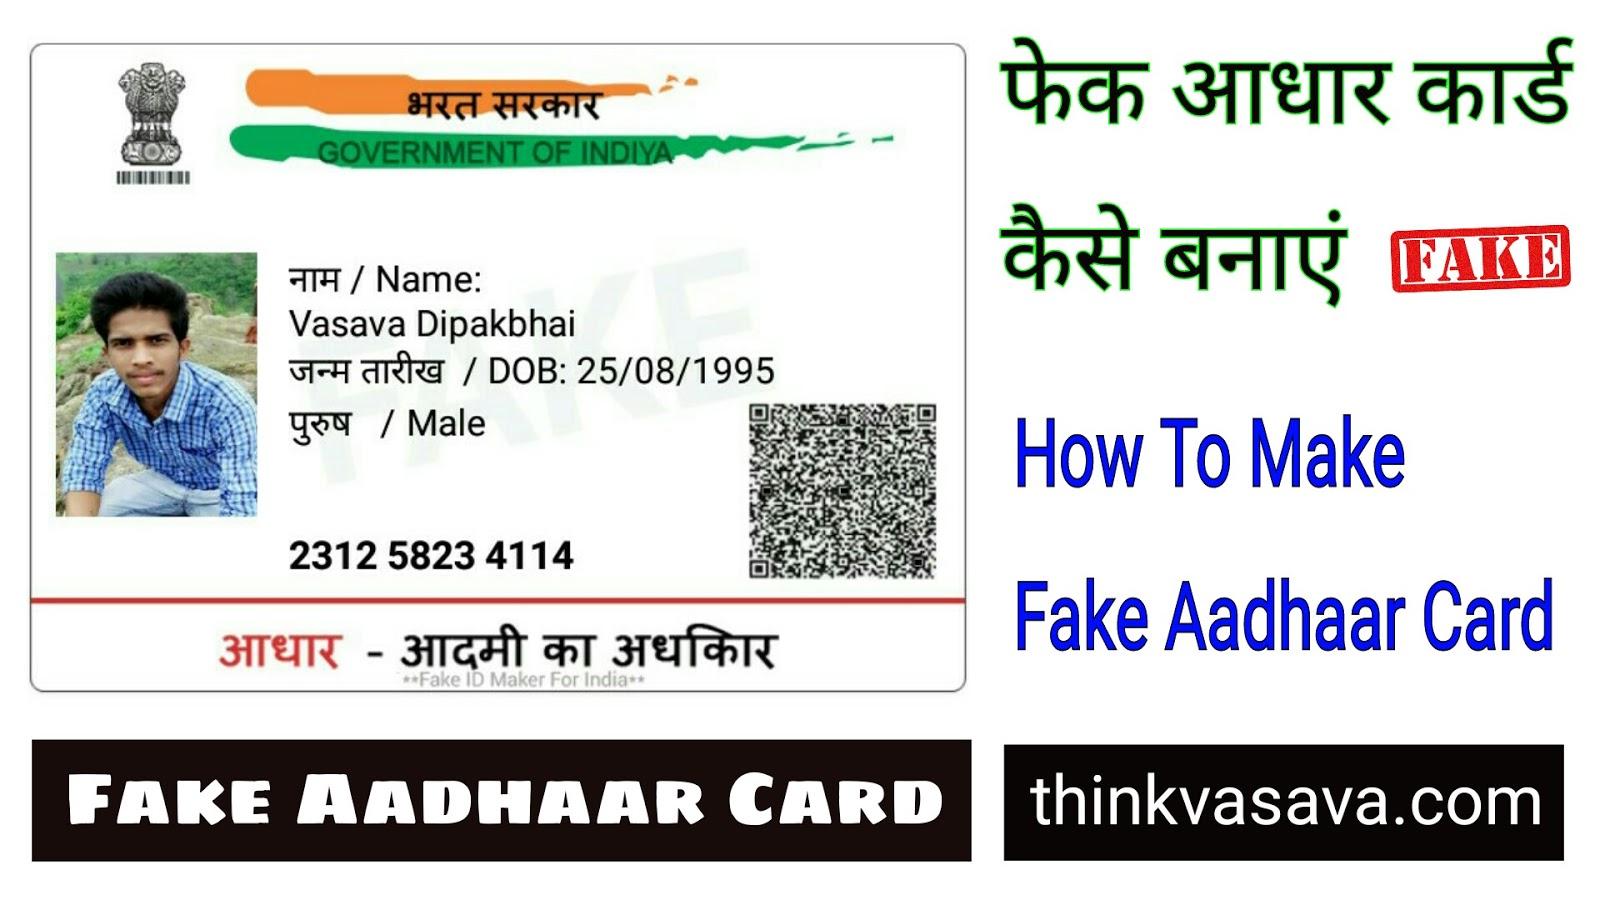 Fake Kaise Aadhaar Banaye Card